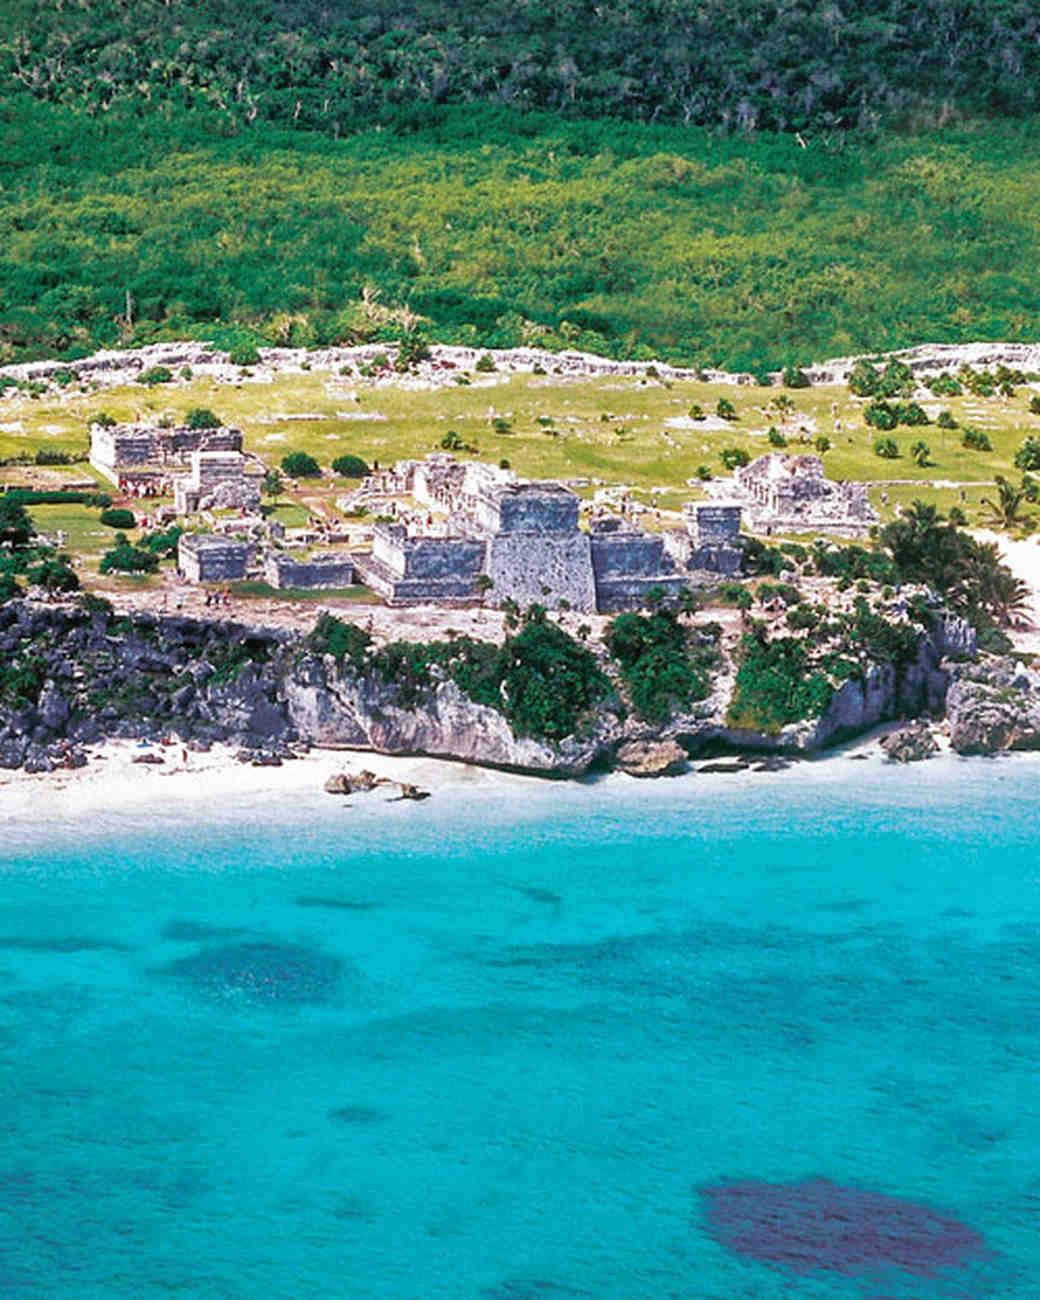 Escape To The Hotel Esencia On Mexico's Riviera Maya For